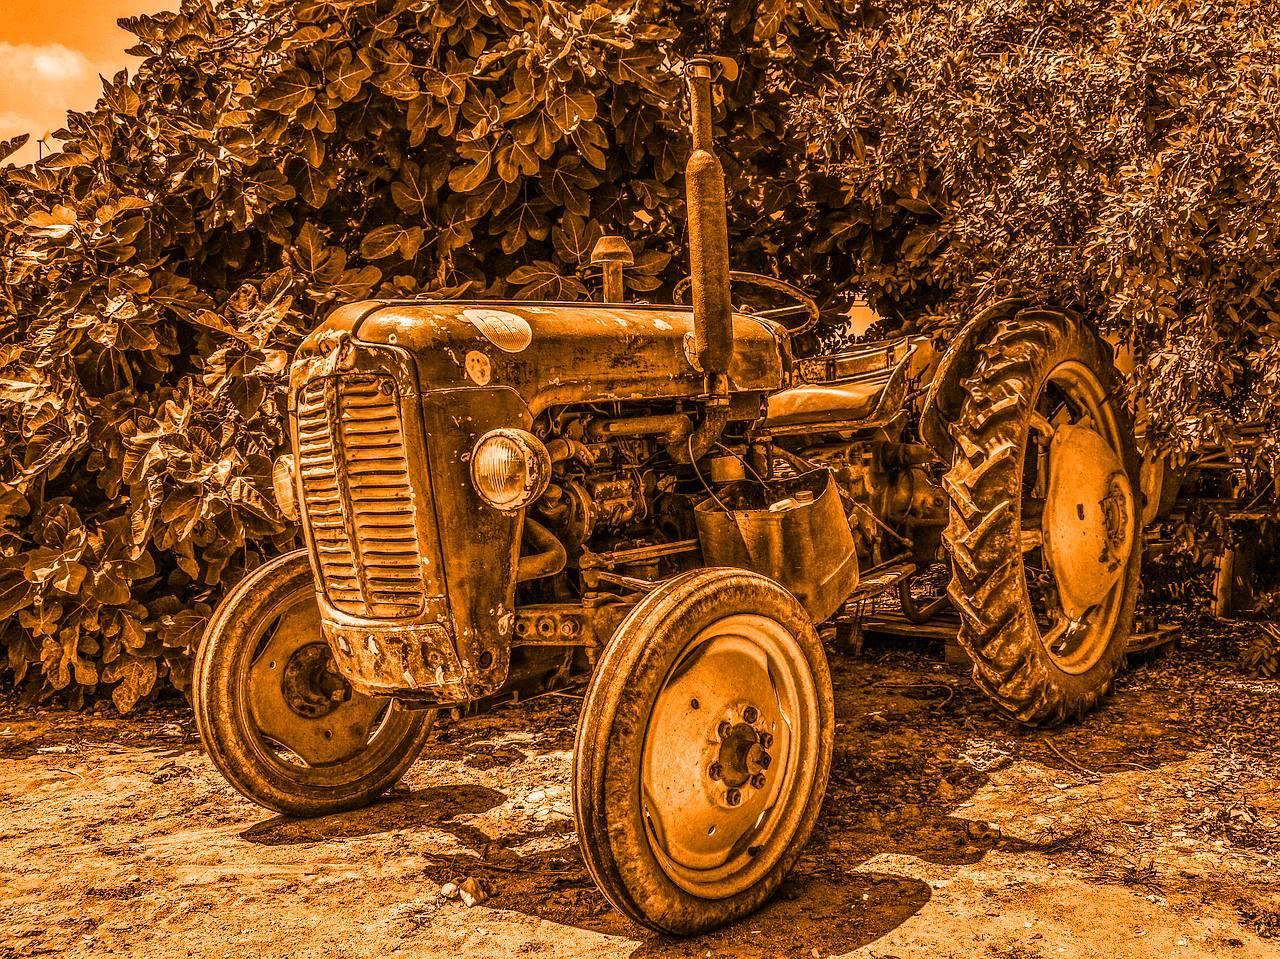 Nálunk még a traktor is nemzeti és véleménye van, amit nem fél használni! - Jakab Péter esete a dózerral.....